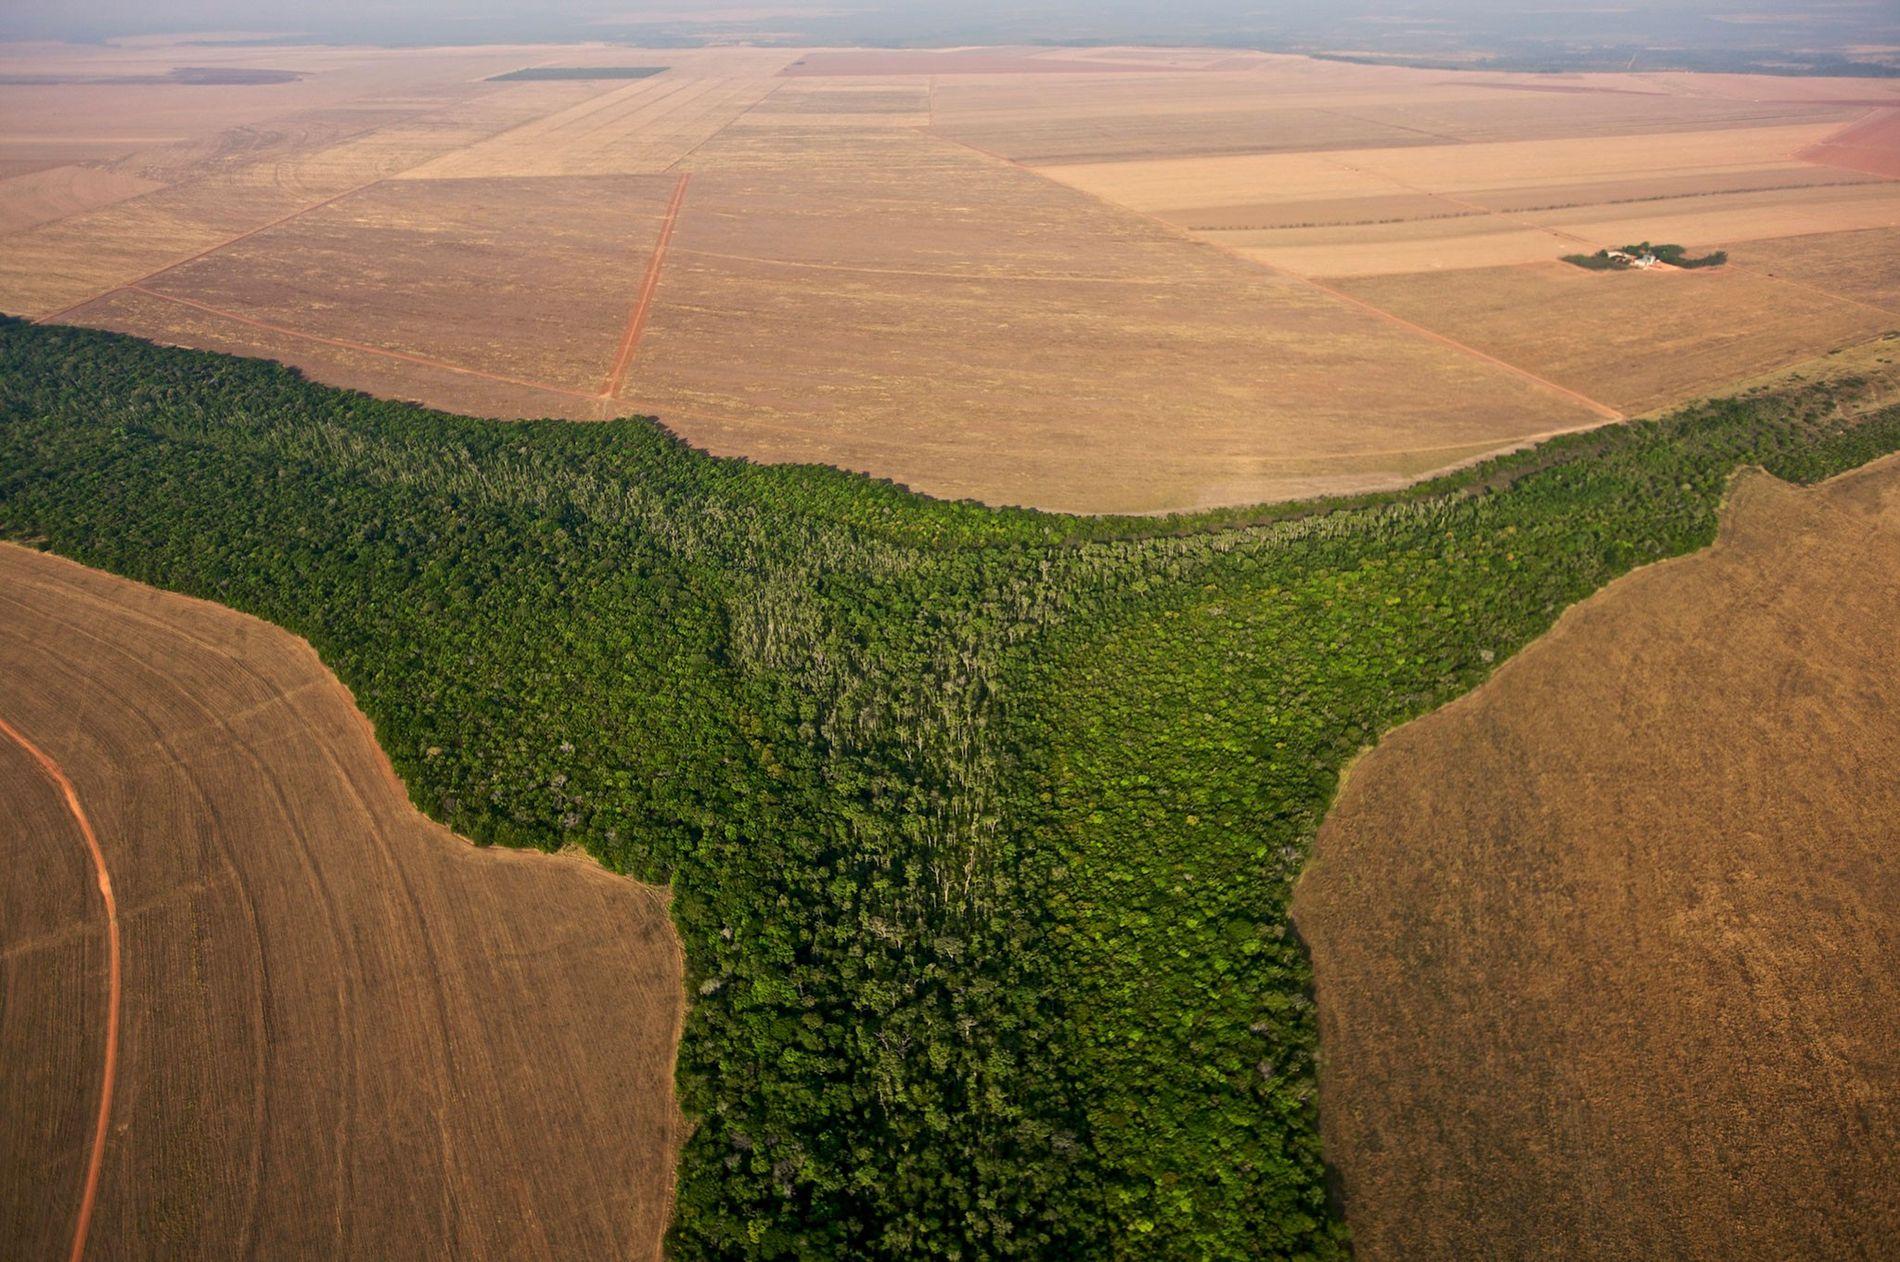 O Brasil é um dos diversos países cruciais no qual o desmatamento deve ser limitado para ...